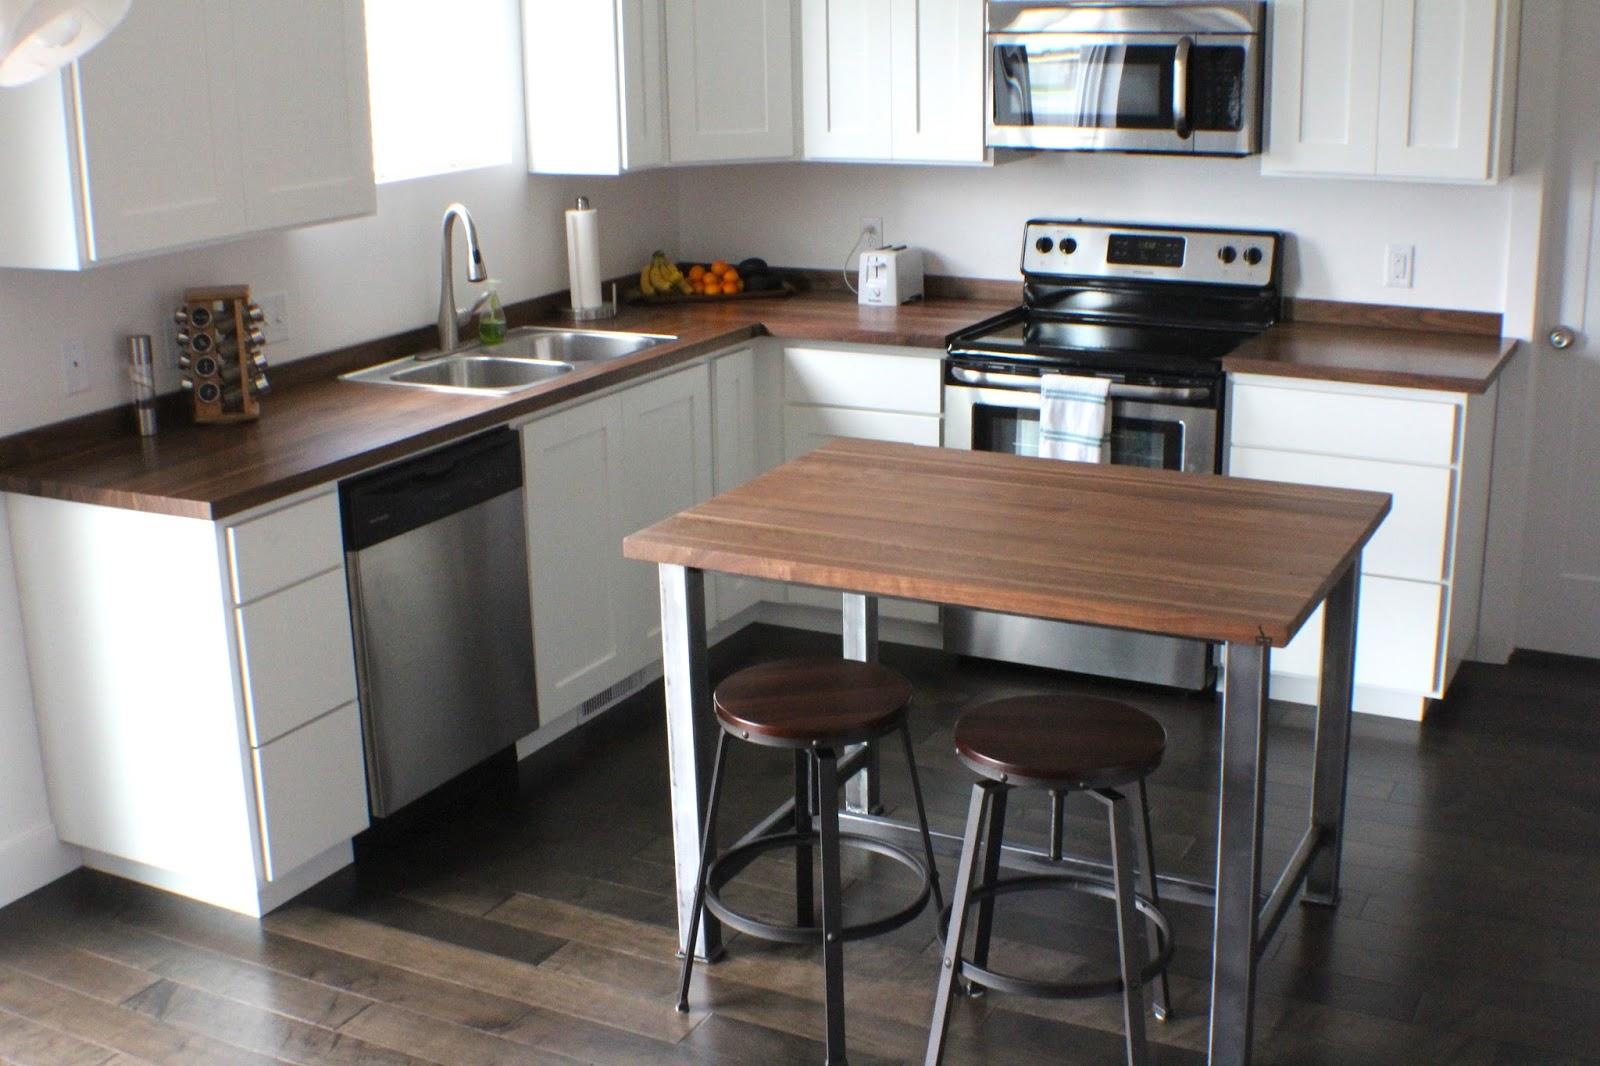 Butcher Block Countertop In Kitchen : Butcher Block Countertop Kitchen Reveal - Lou Lou Girls